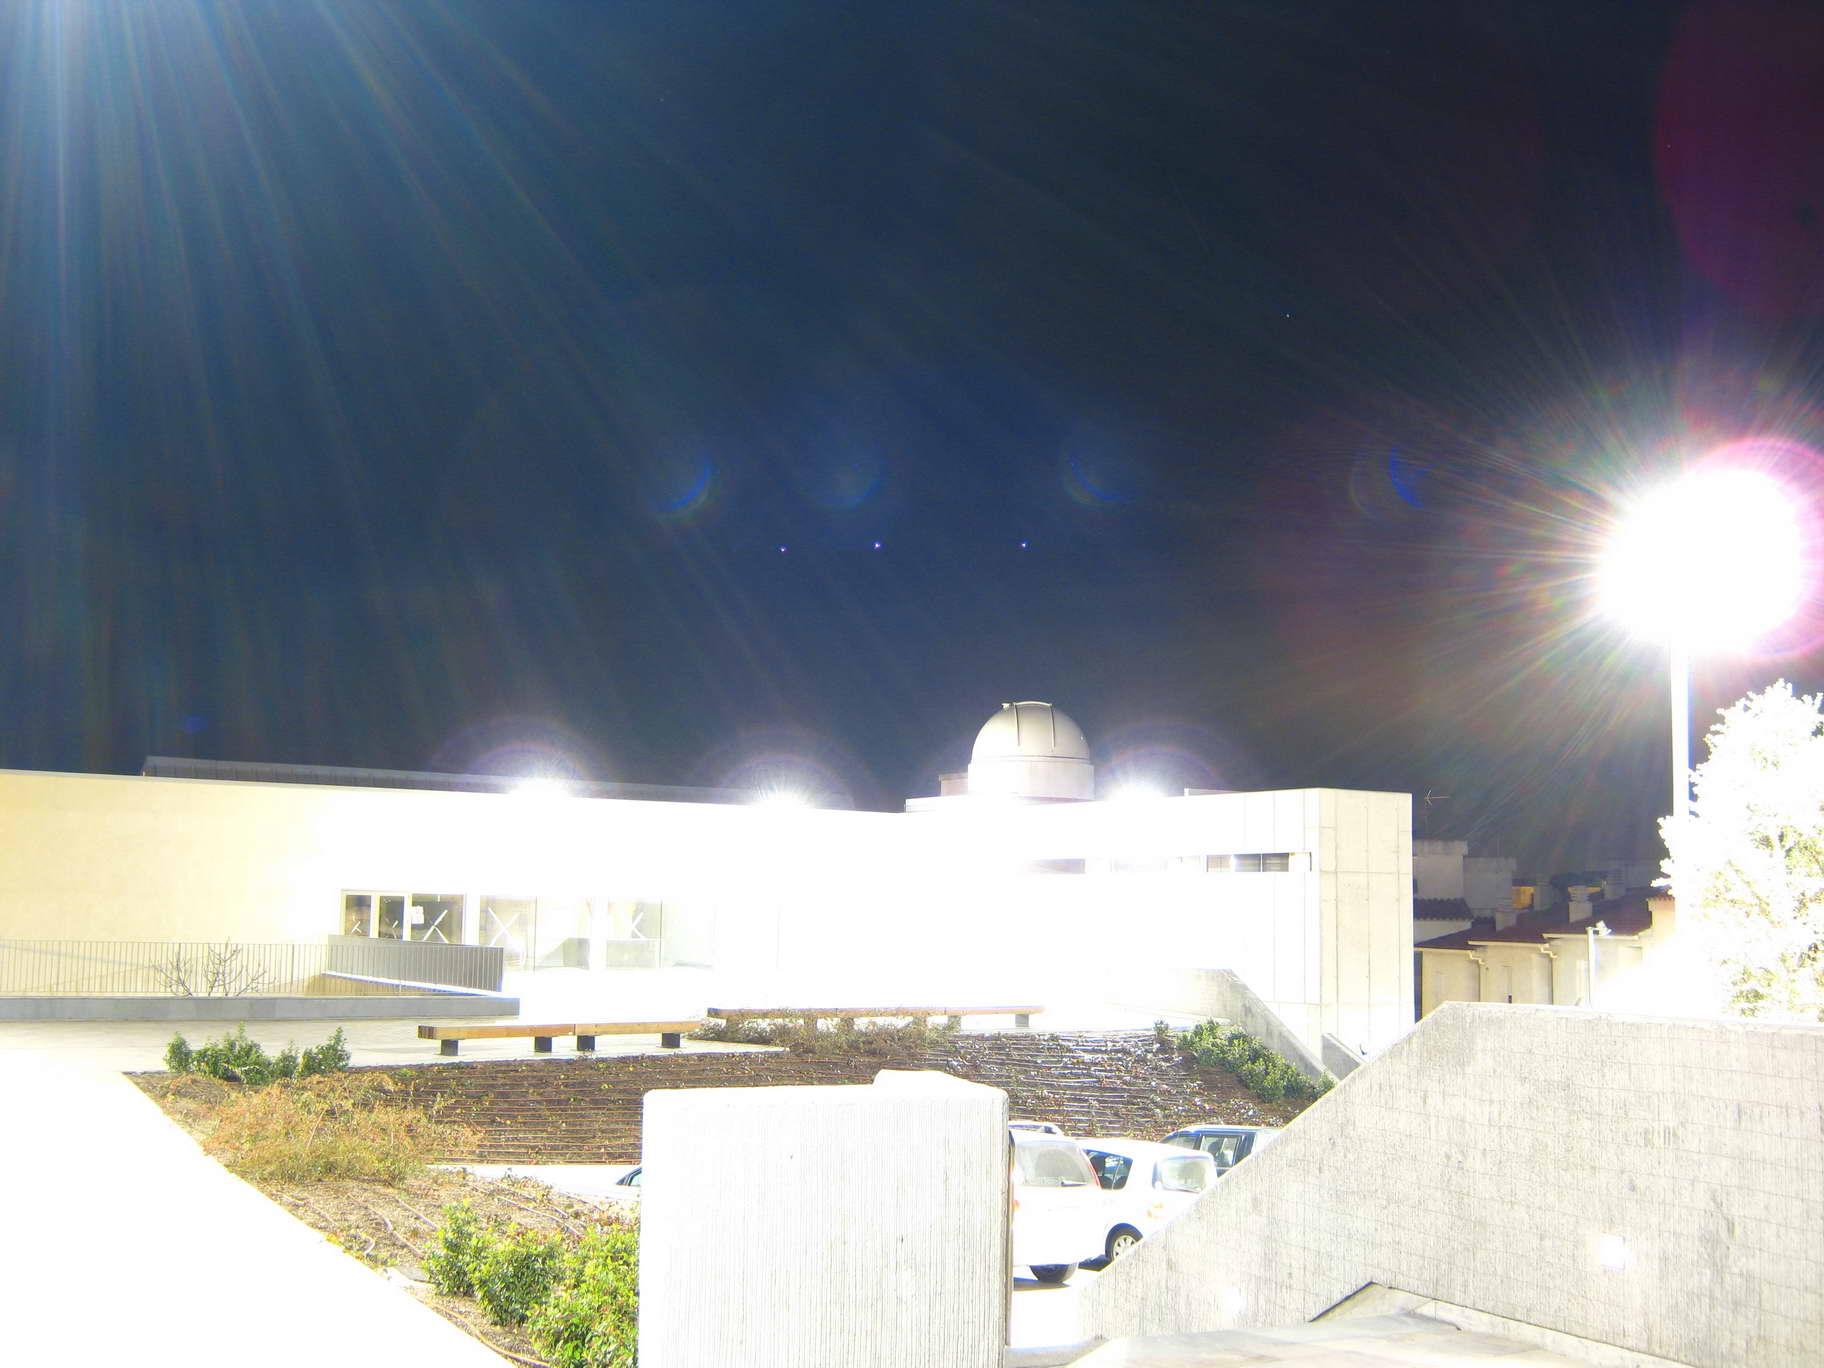 Contaminació lumínica amb 15 segons d'exposició